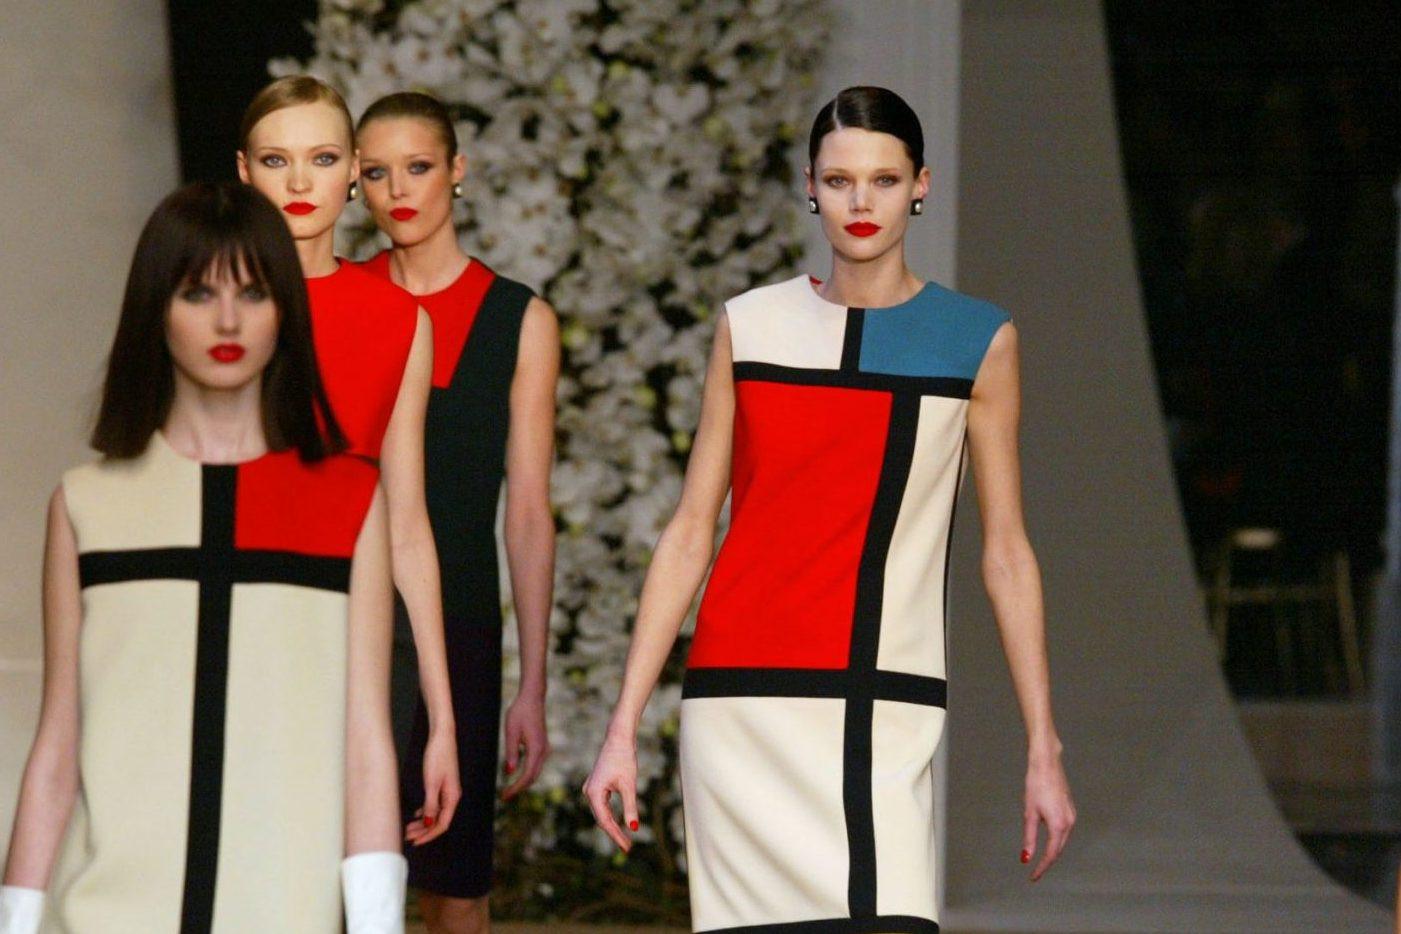 Arte & moda. Yves Saint Laurent, tutte le collezioni d'alta moda raccolte in un libro